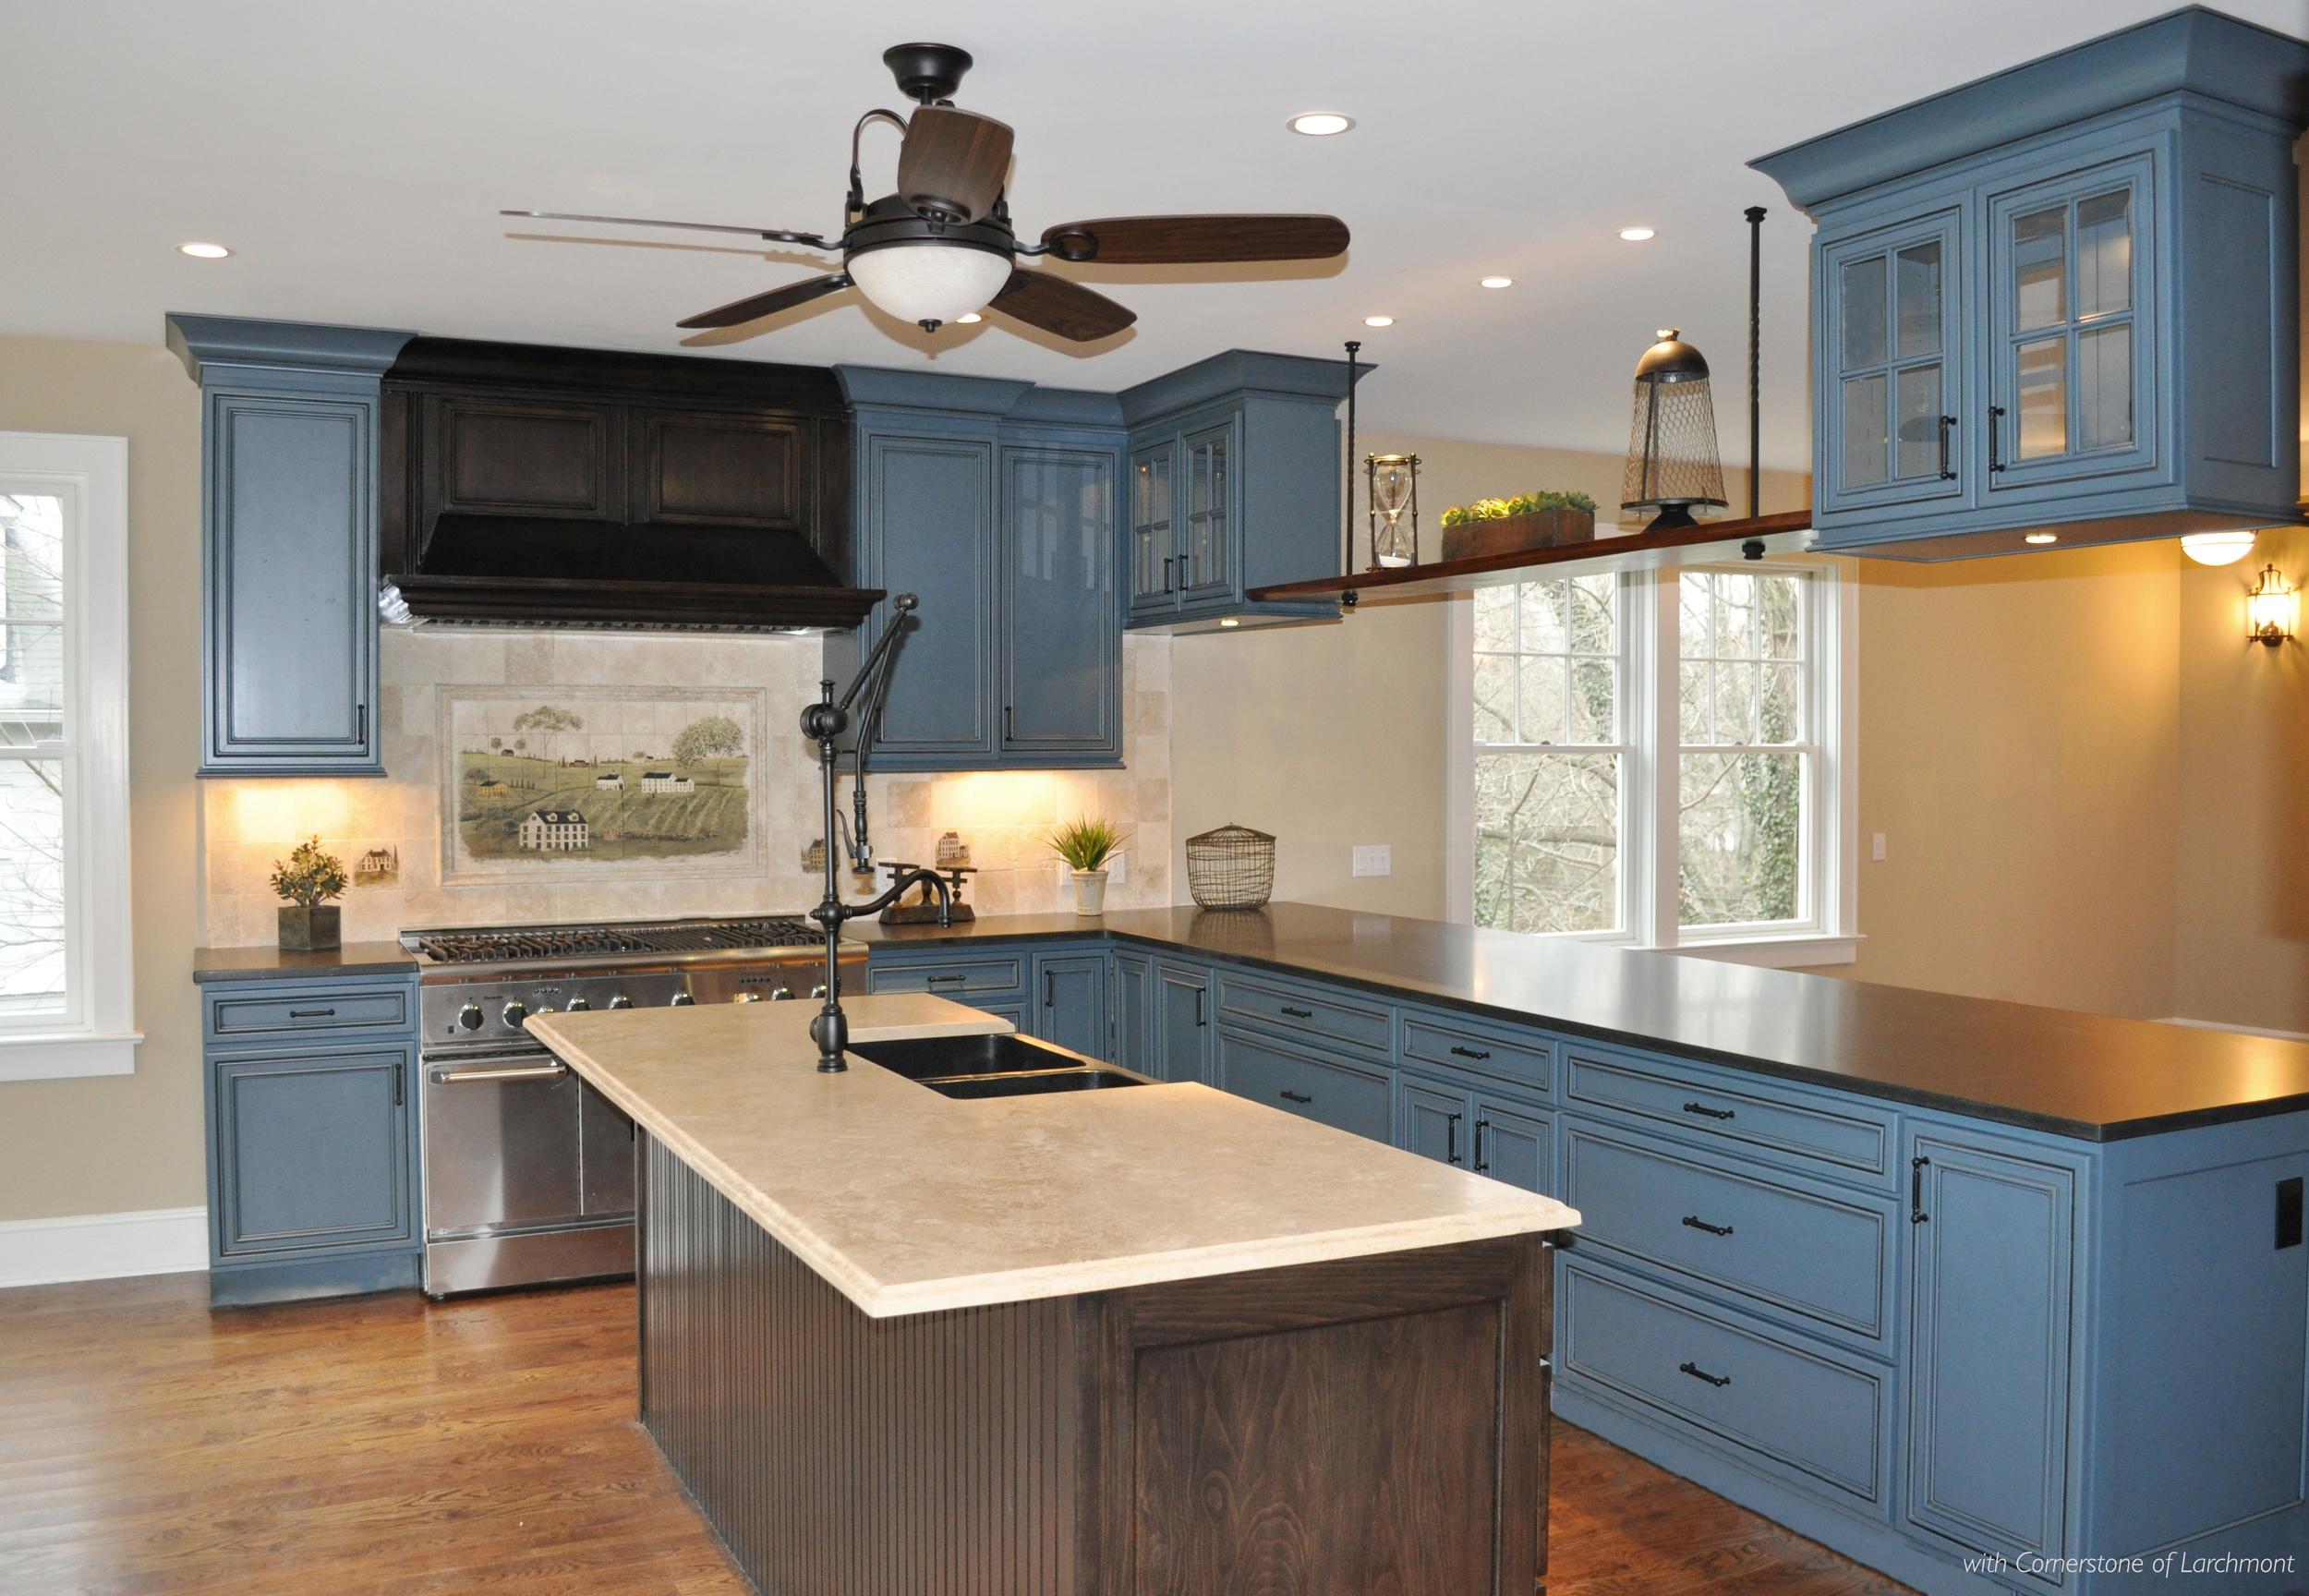 Kim Annick Mitchell_Interior Designer_Industrial Kitchen_Blue Kitchen Cabinetry_Travertine Island_Industrial Pull-down Faucet_First Floor.jpg